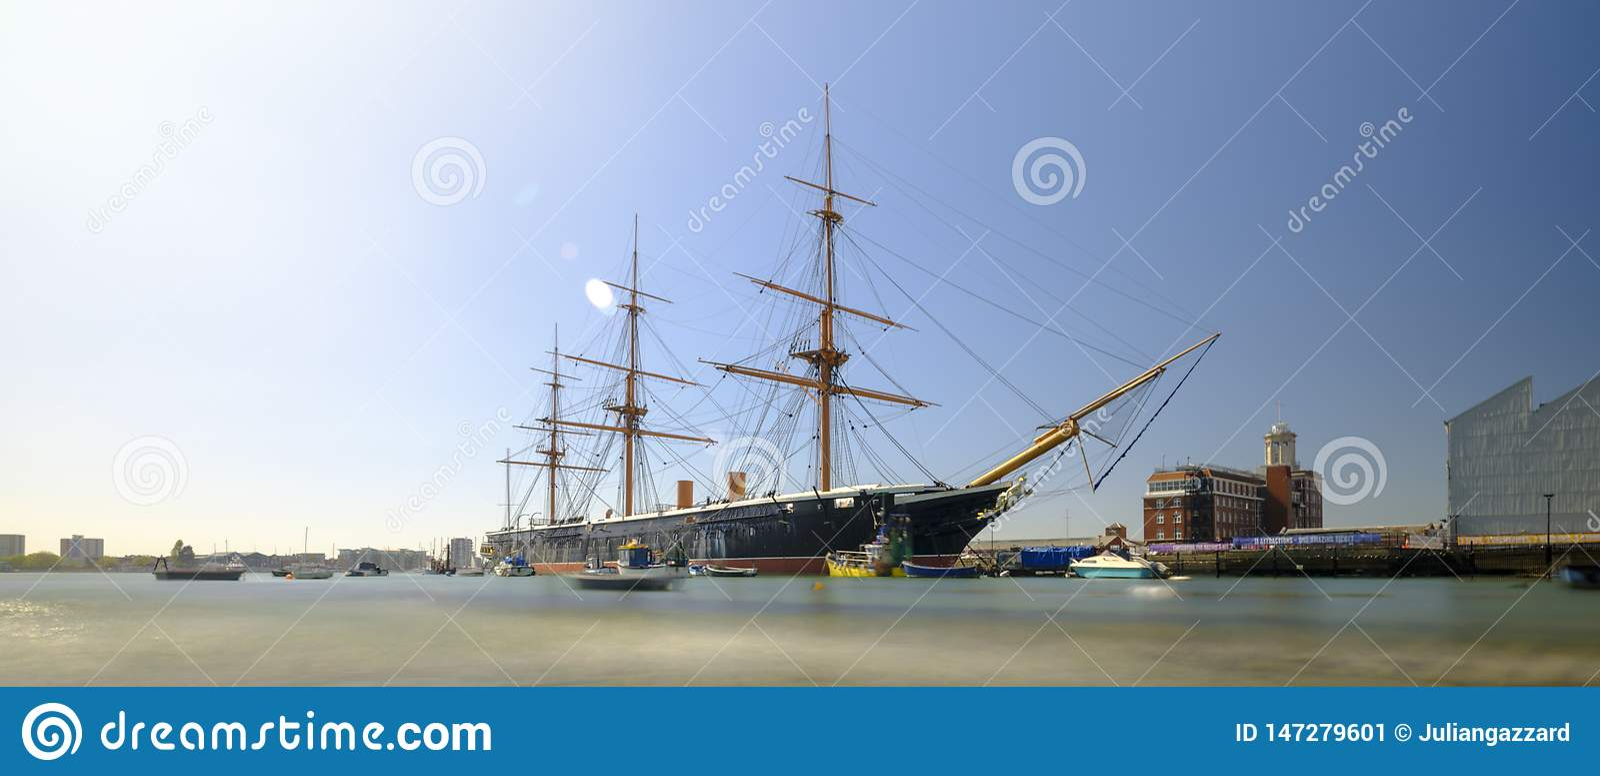 Πολεμιστής HMS (1862) - το πρώτο βρετανικό ironclad θωρηκτό που χτίζεται για το βασιλικό ναυτικό - την άνοιξη φως απογεύματος με